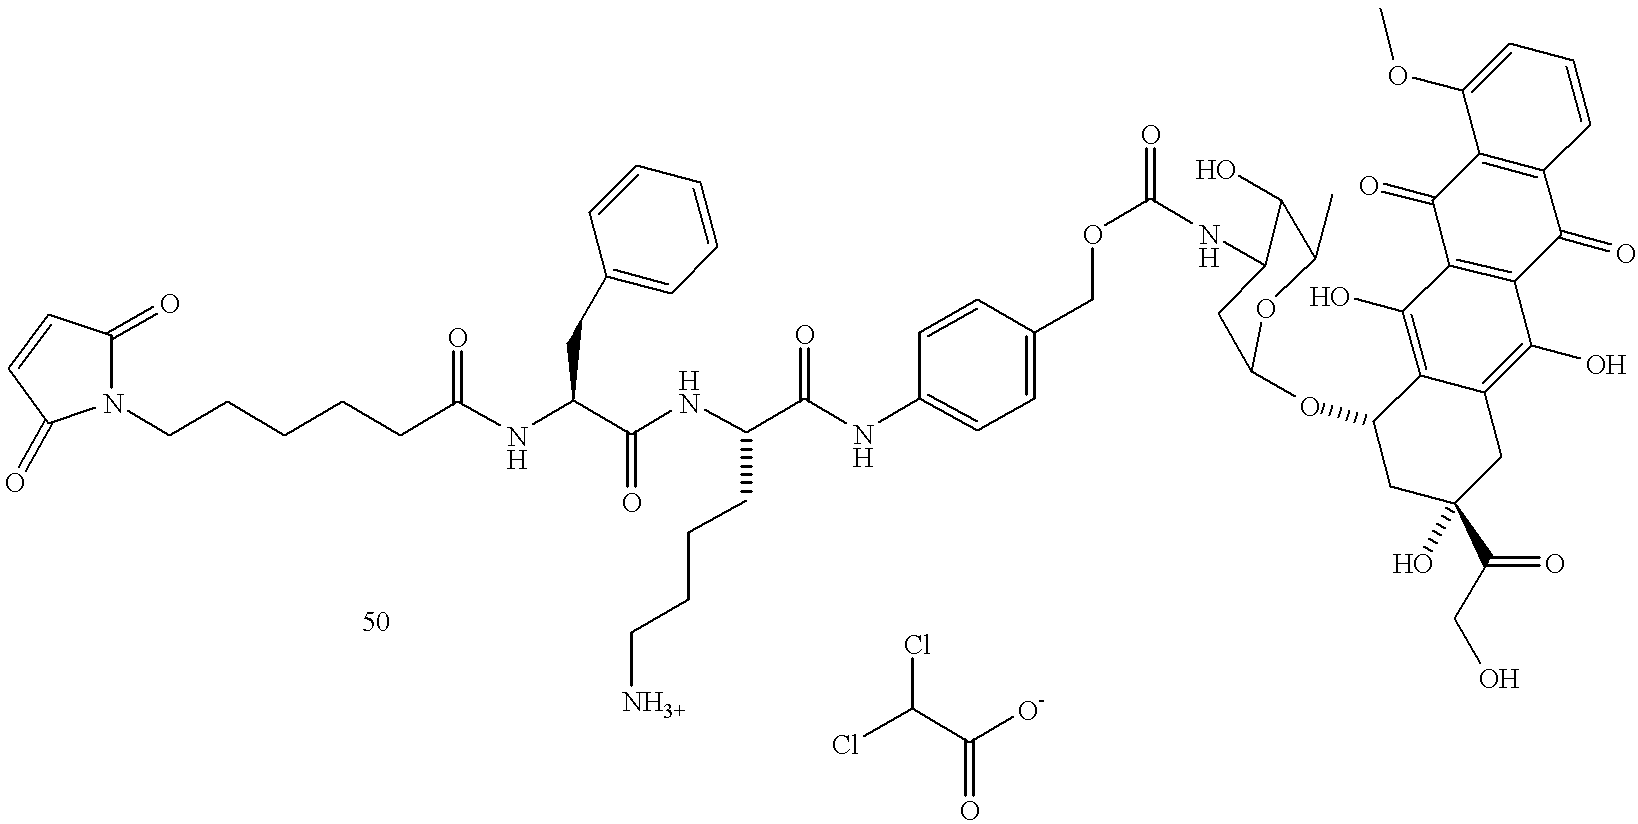 Figure US06214345-20010410-C00057